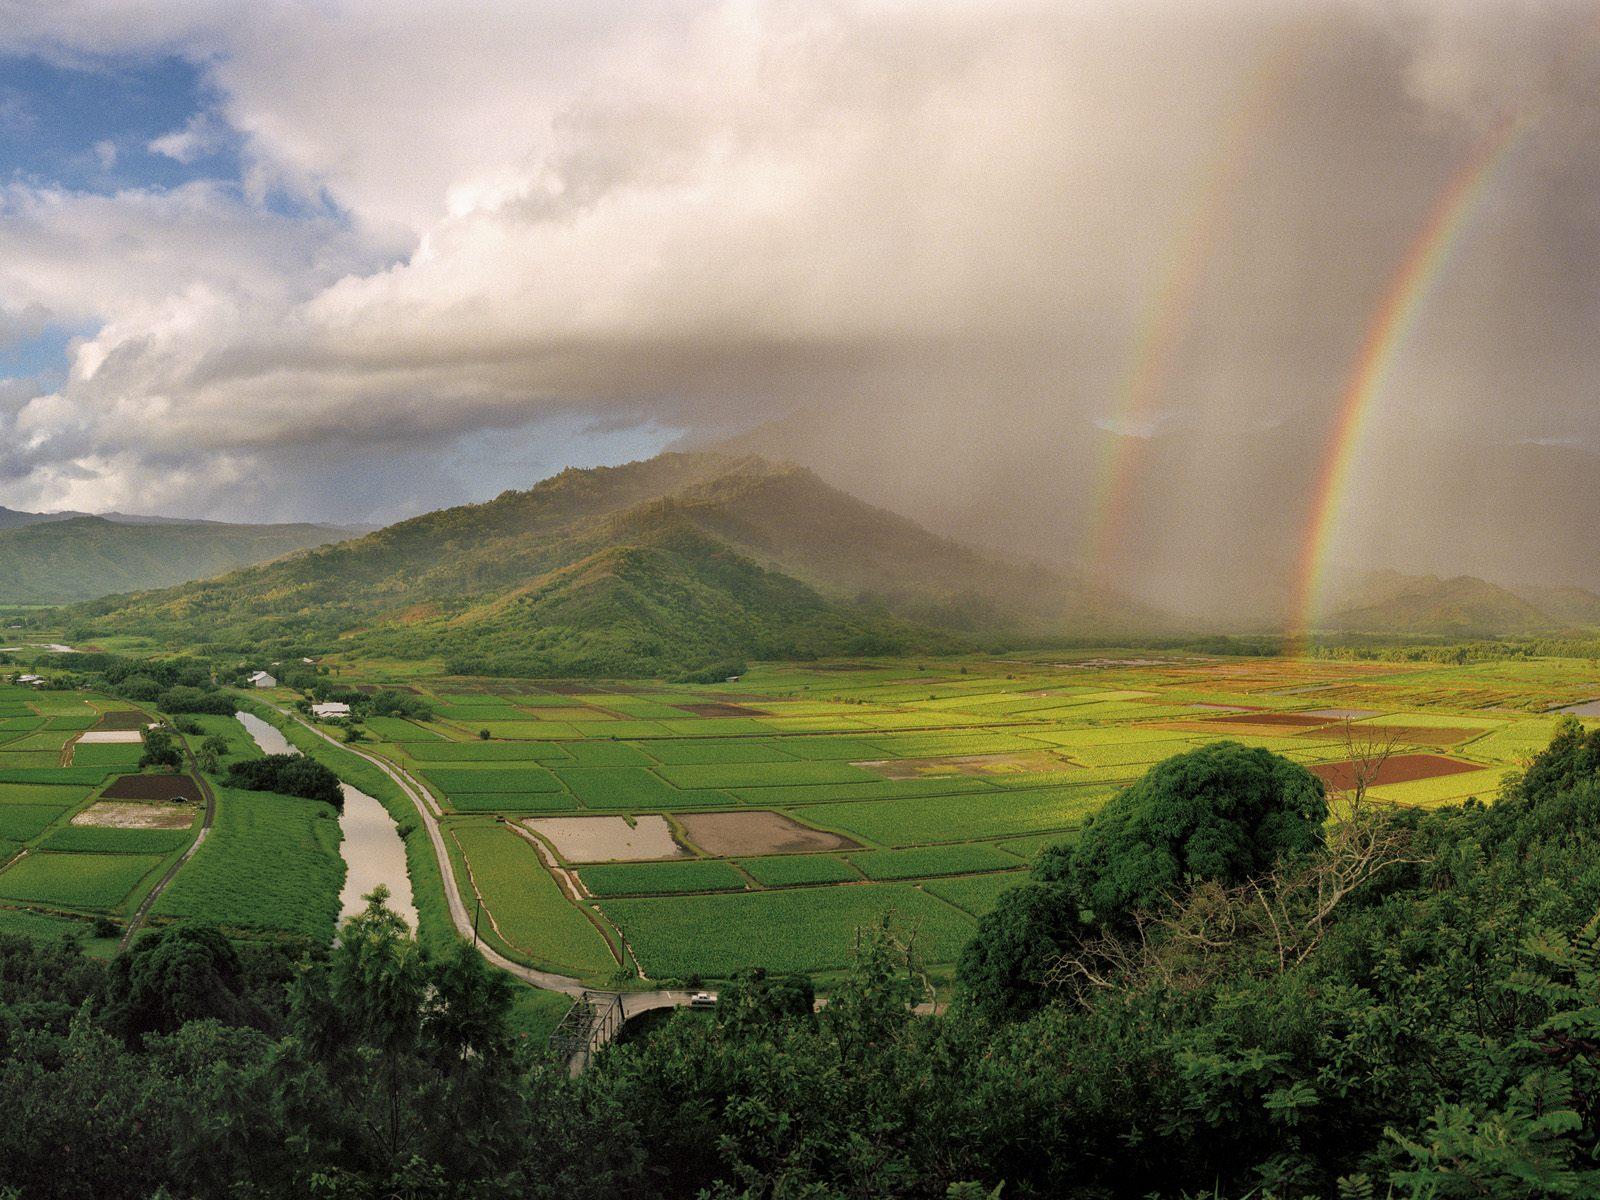 http://3.bp.blogspot.com/-aLj_e0pERqg/Td4WbfoUY2I/AAAAAAAAAvs/43TH1vMSjMo/s1600/Hanalei-River-Valley-Kauai-Hawaii-1-1600x1200.jpg